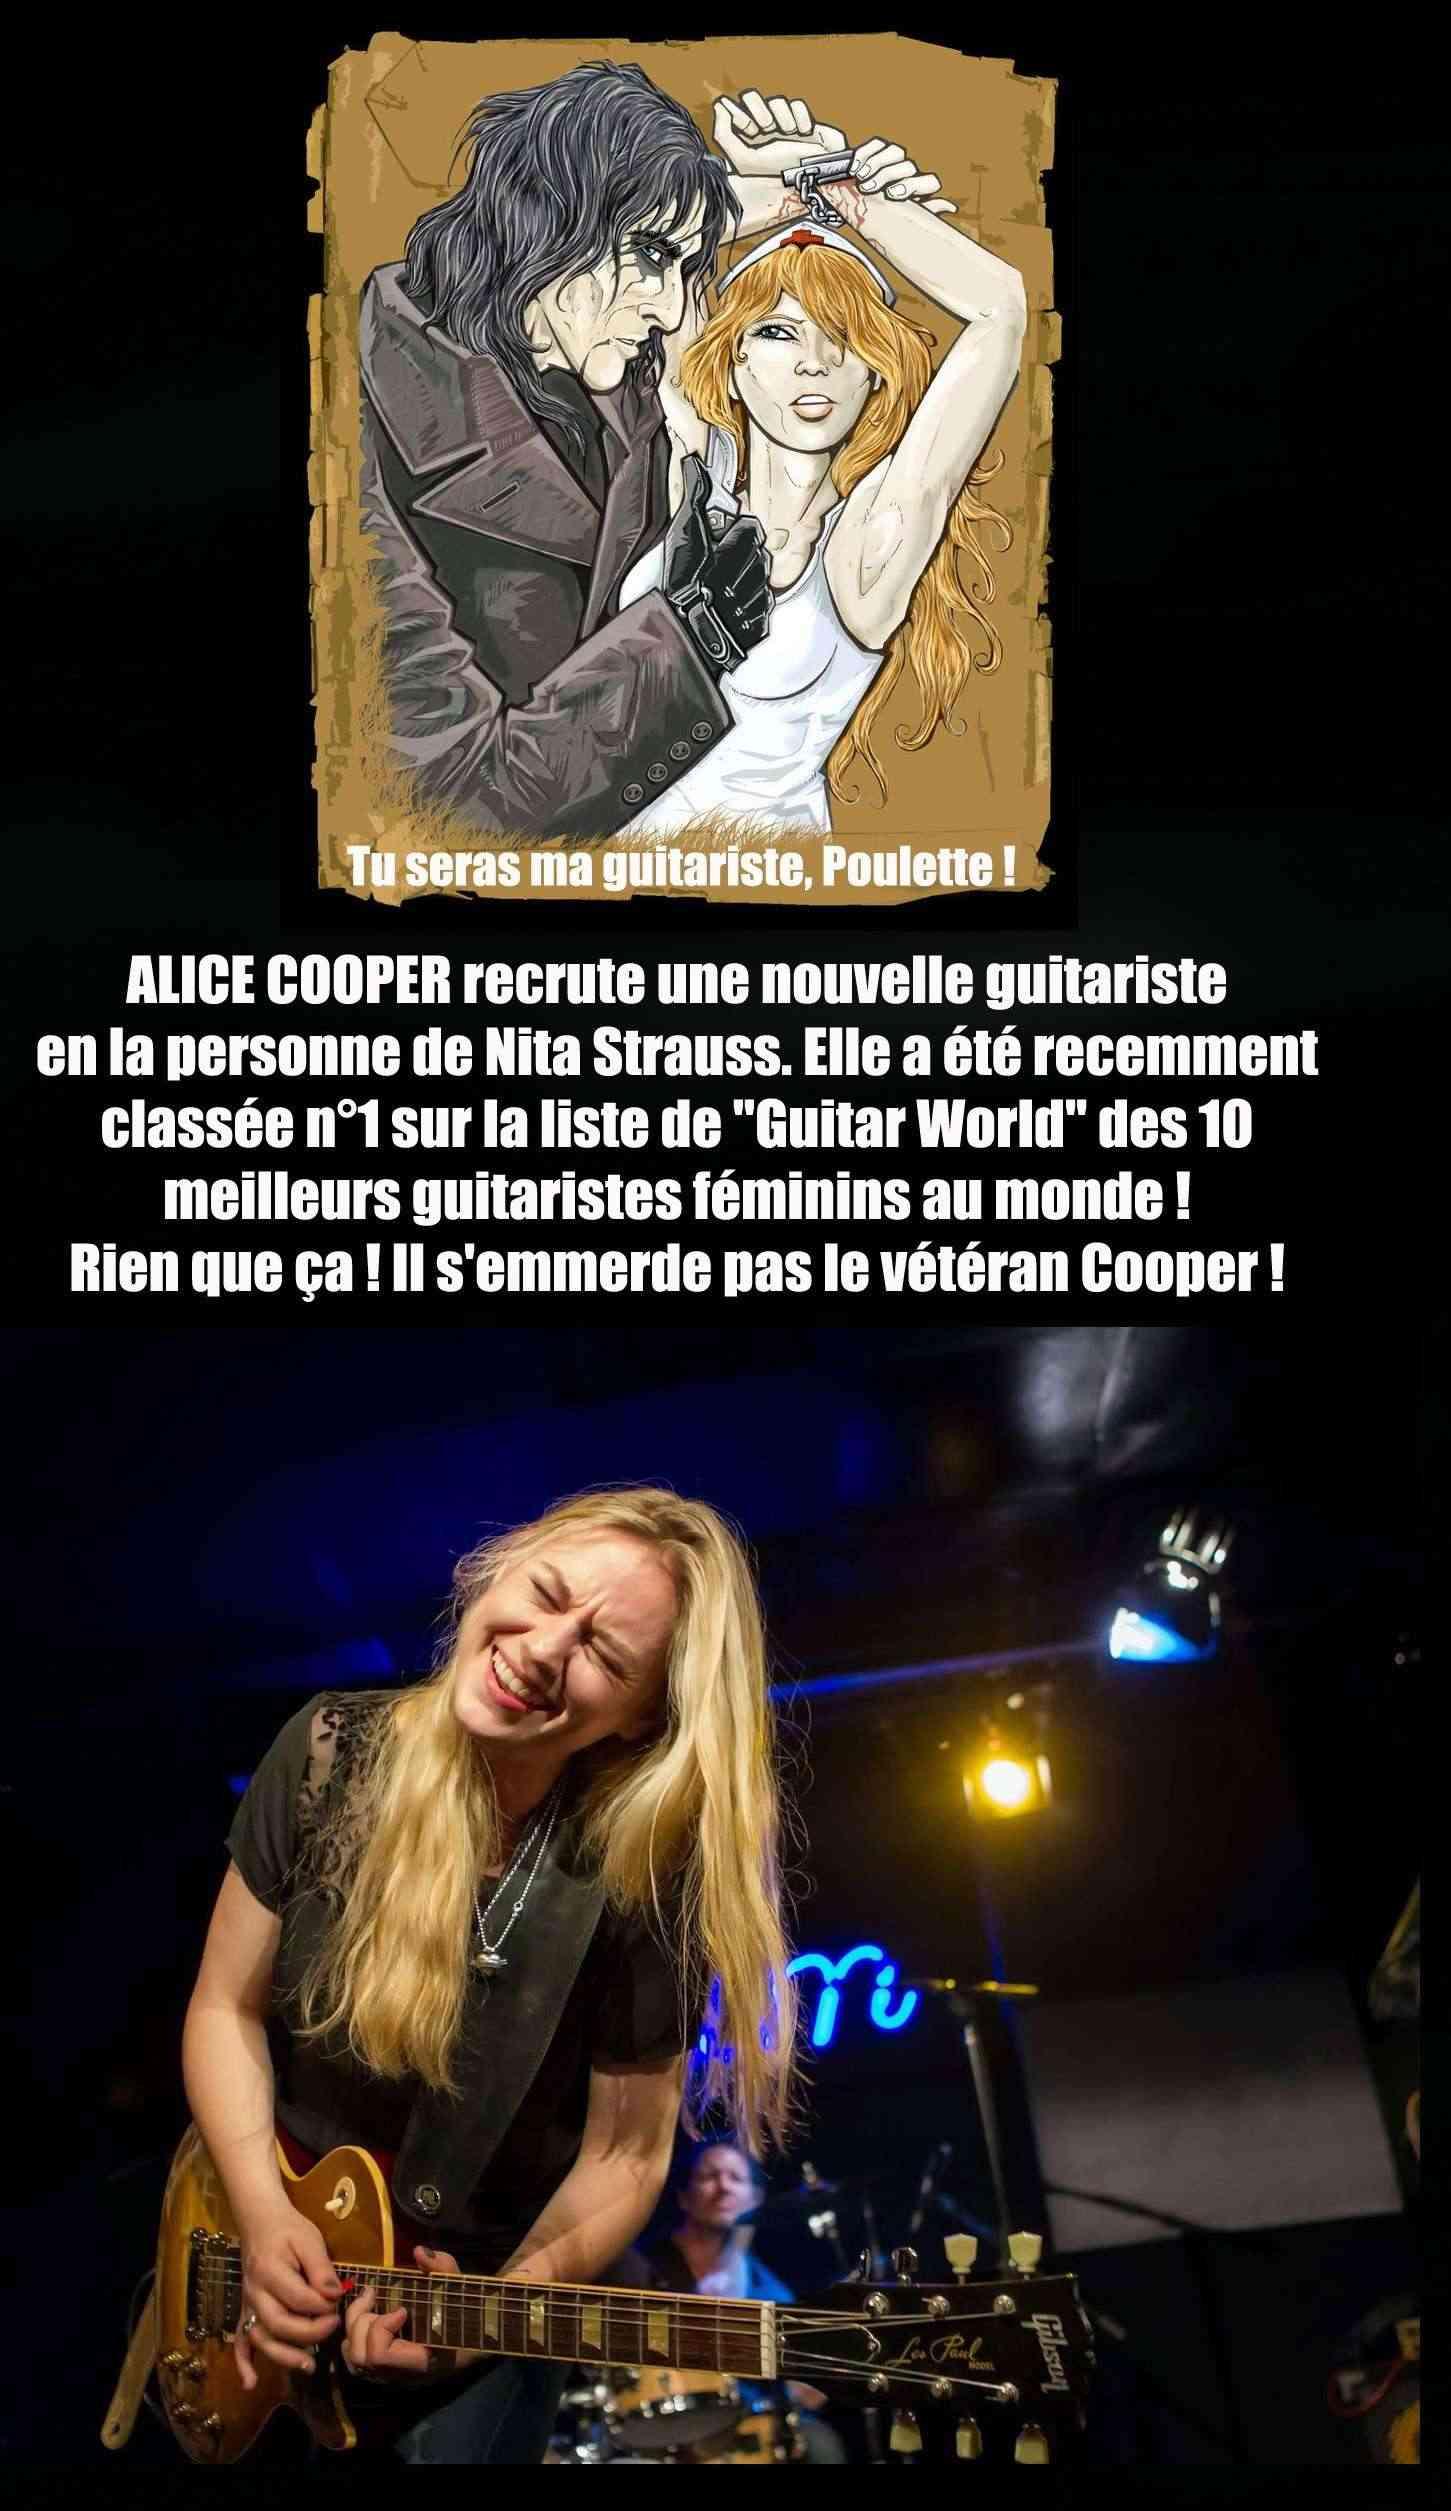 Les NEWS du METAL en VRAC ... - Page 4 Cooper10